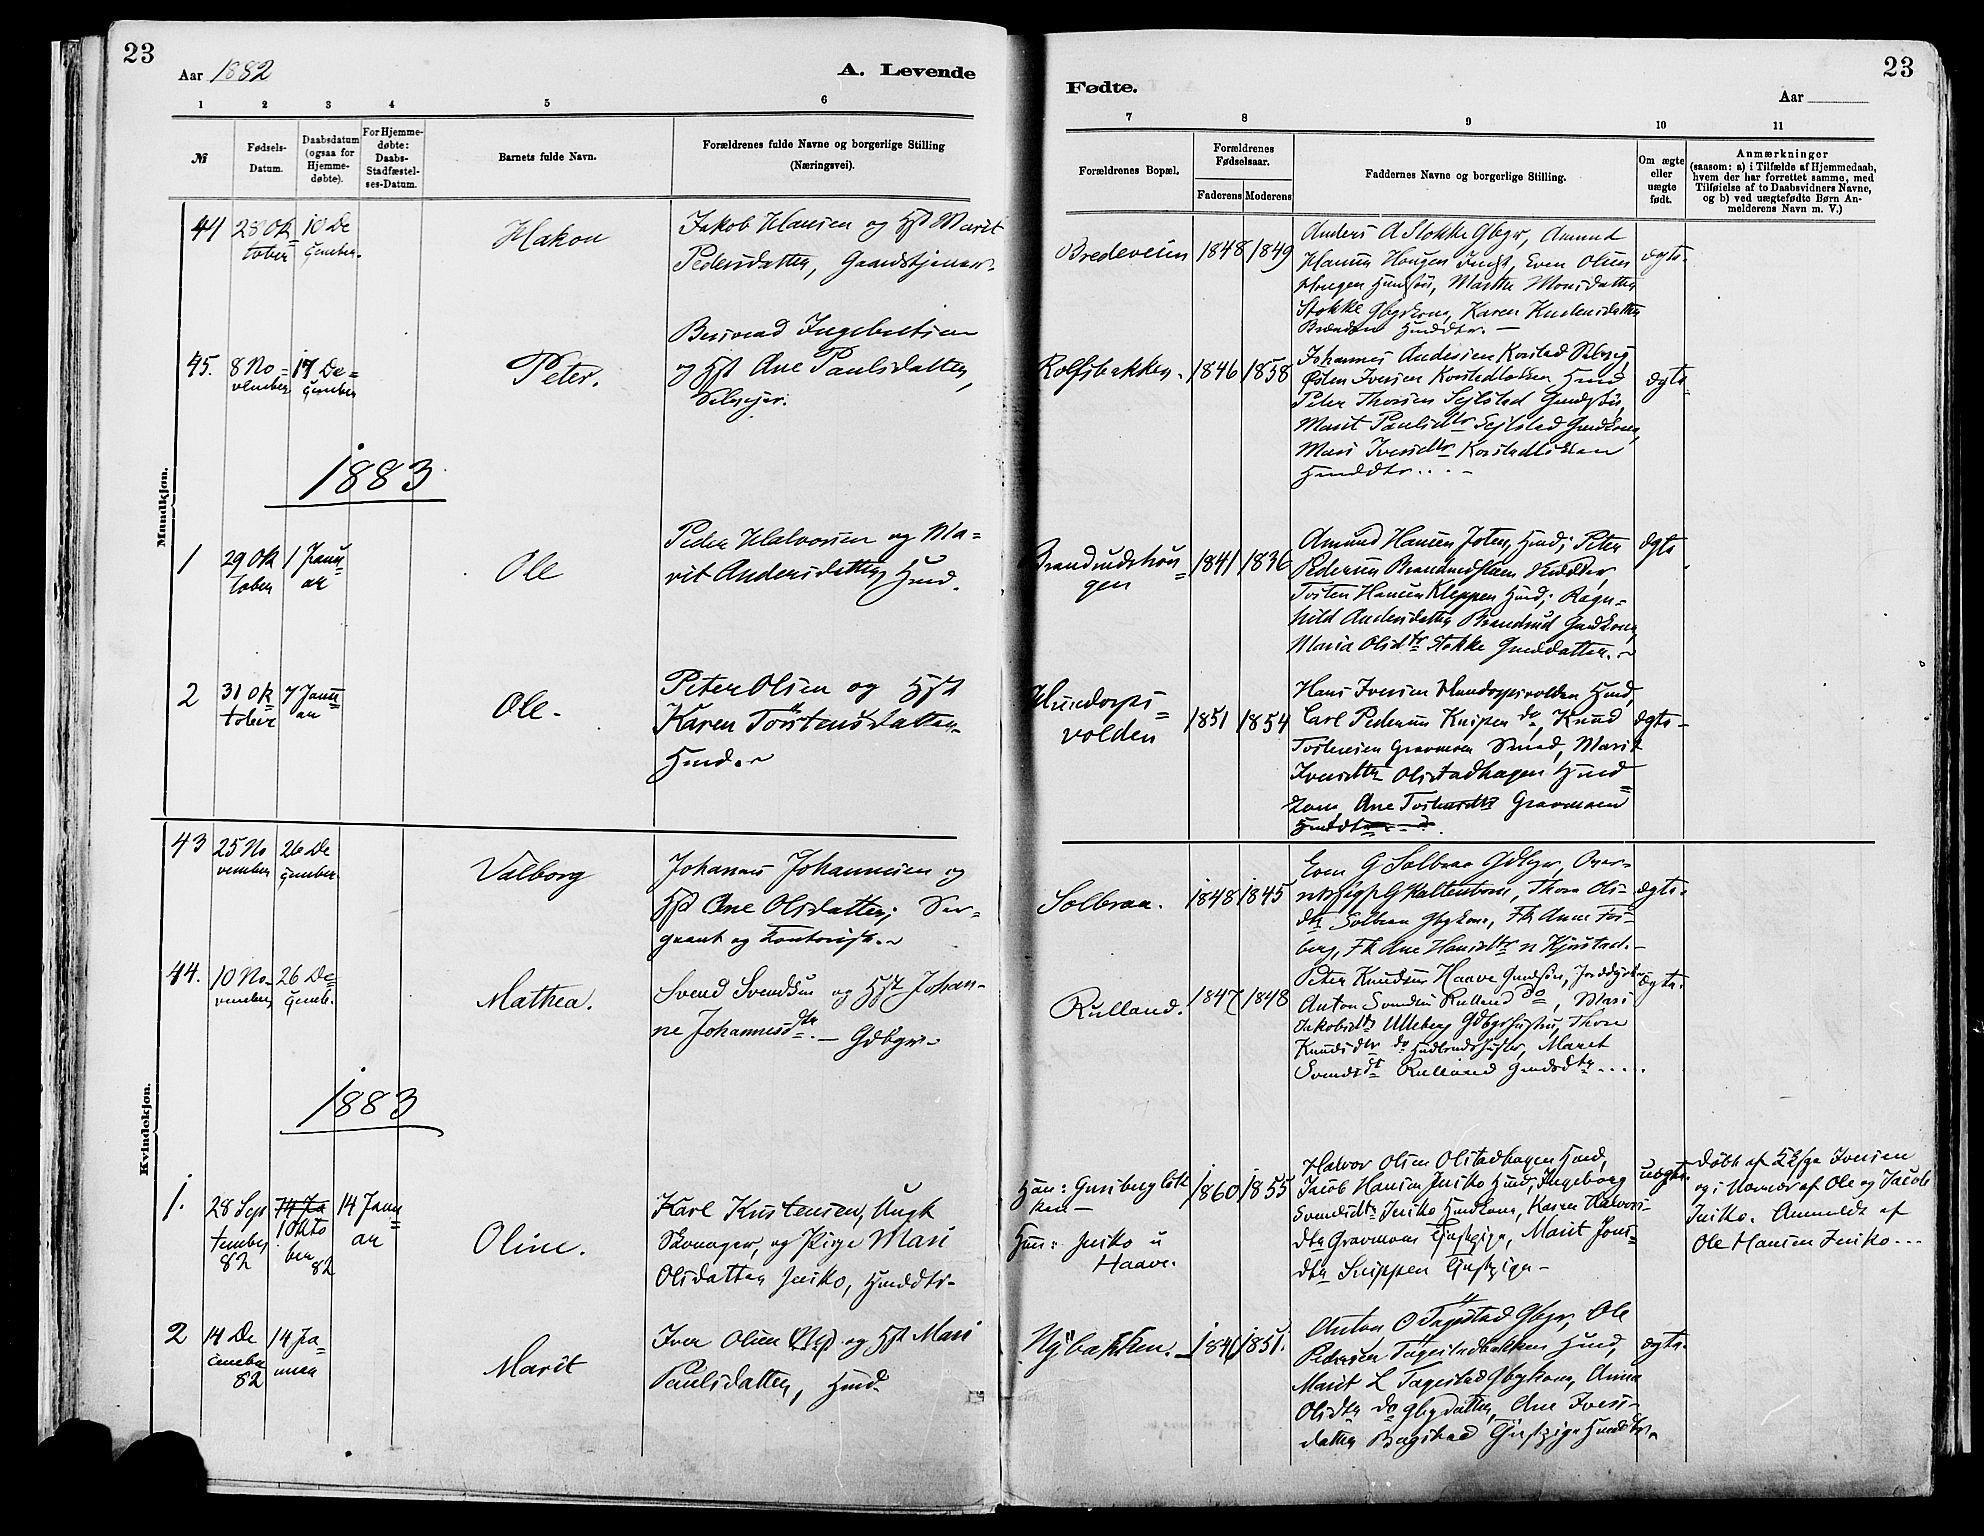 SAH, Sør-Fron prestekontor, H/Ha/Haa/L0003: Ministerialbok nr. 3, 1881-1897, s. 23